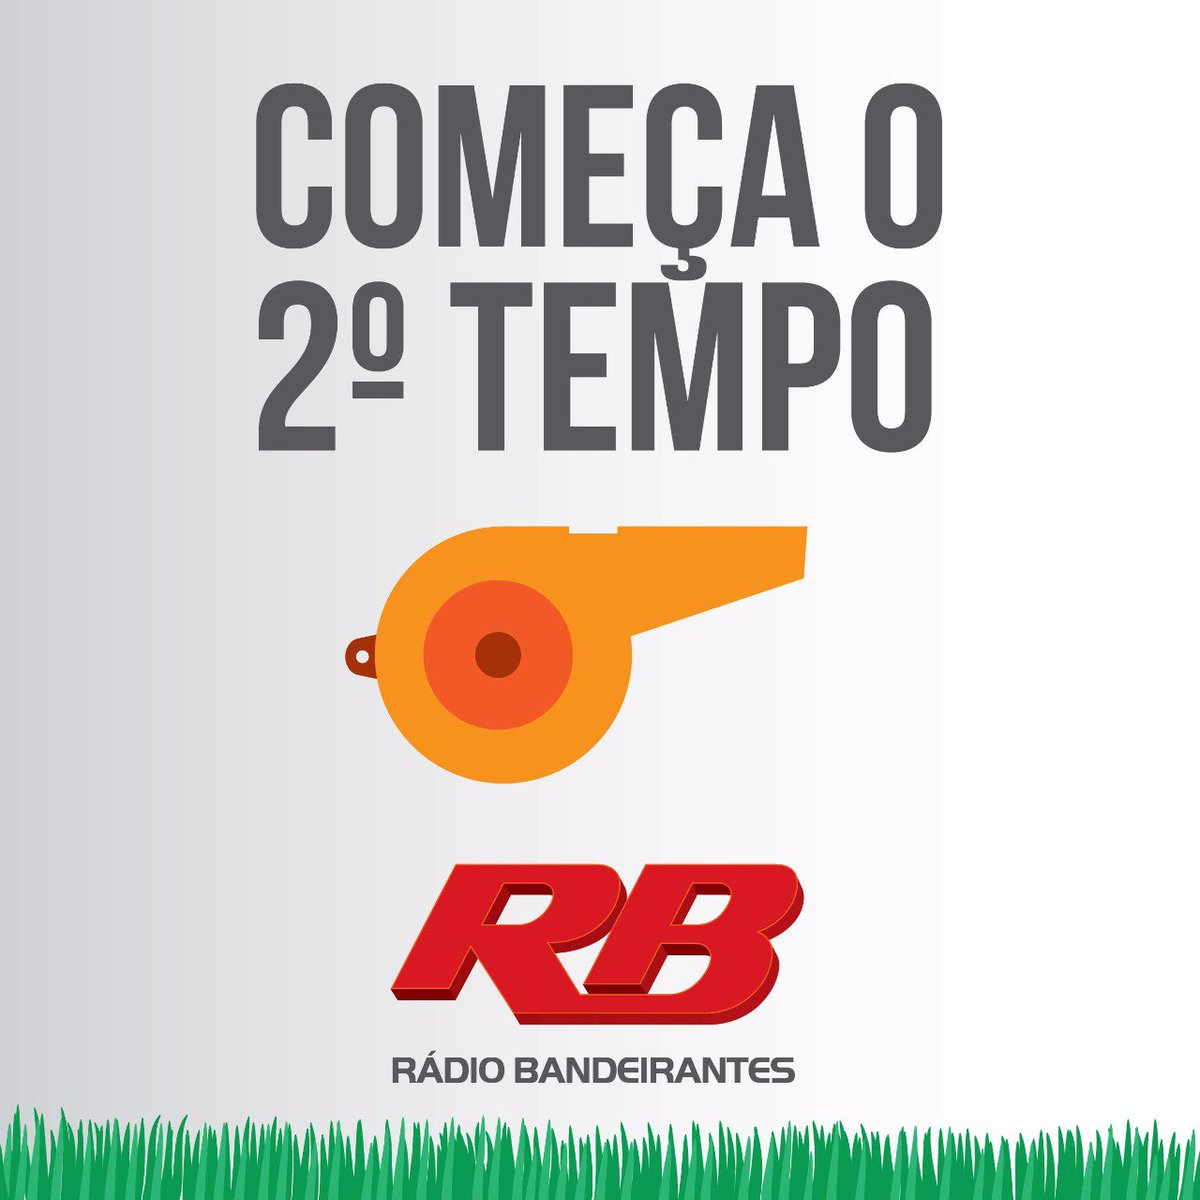 #Copa2018: COMEÇA O SEGUNDO TEMPO EM KALININGRADO!  #SRB 1 X 0 #SUI  OUÇA! https://t.co/sjQiKGNu5t  #FocoemVocê